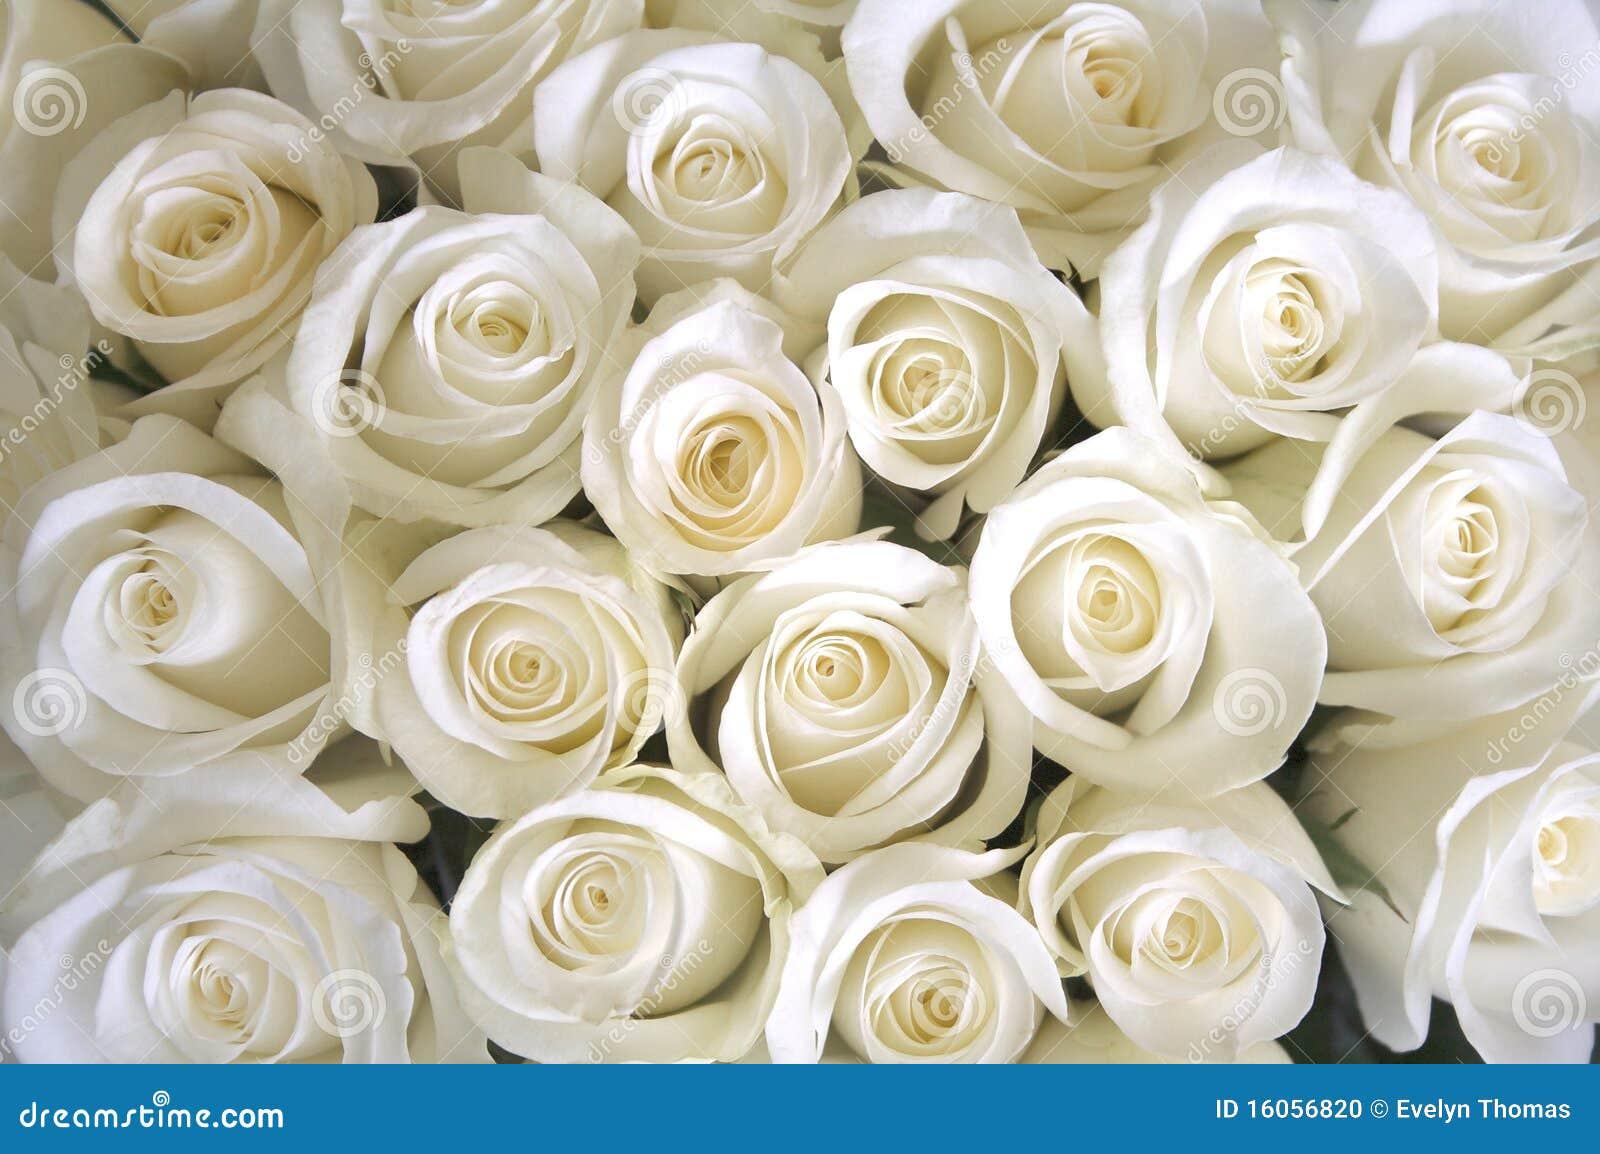 White Roses Background Stock Photo - Image: 16056820